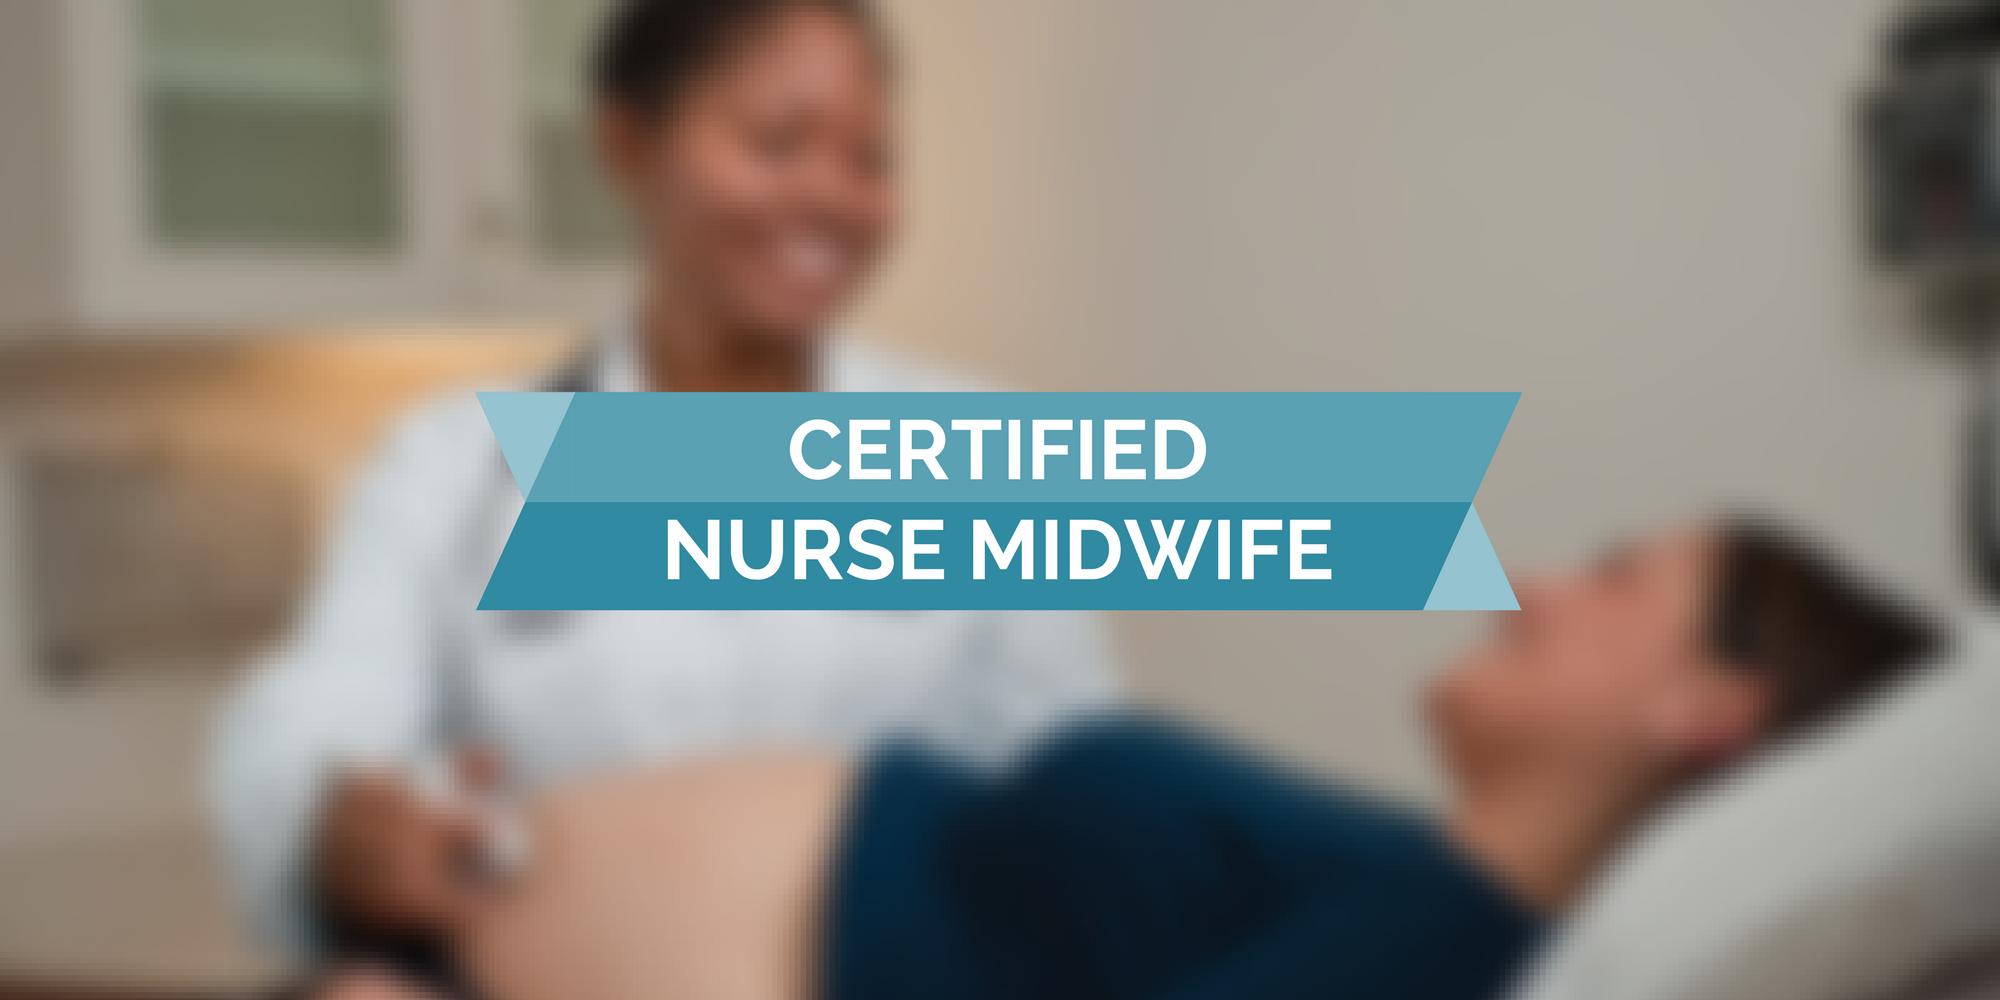 Certified Nurse Midwife Cnm Programs Geriatricnursing